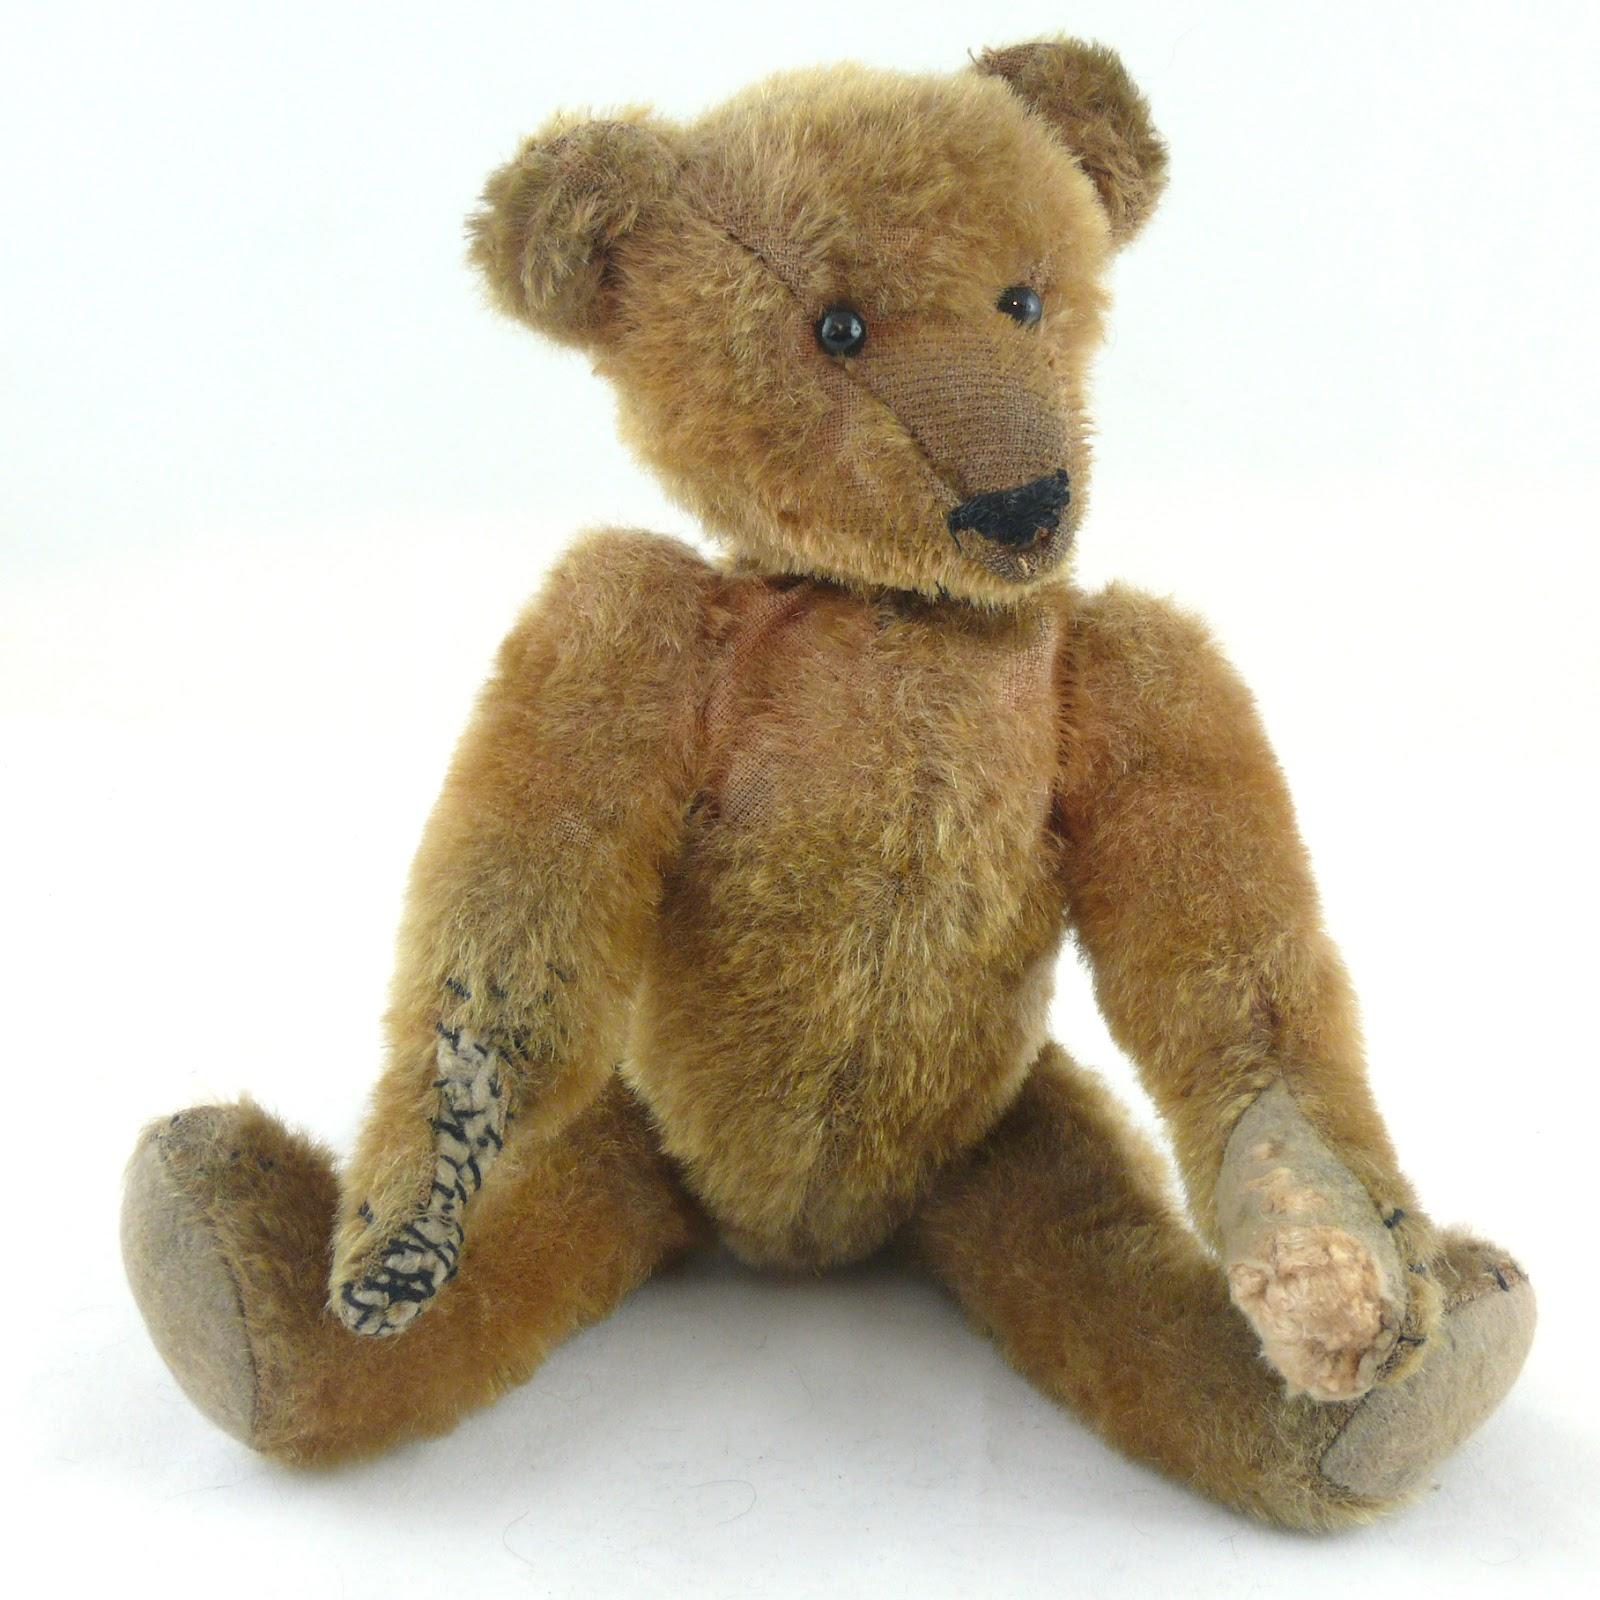 Rare chubby teddy hoddie for sale